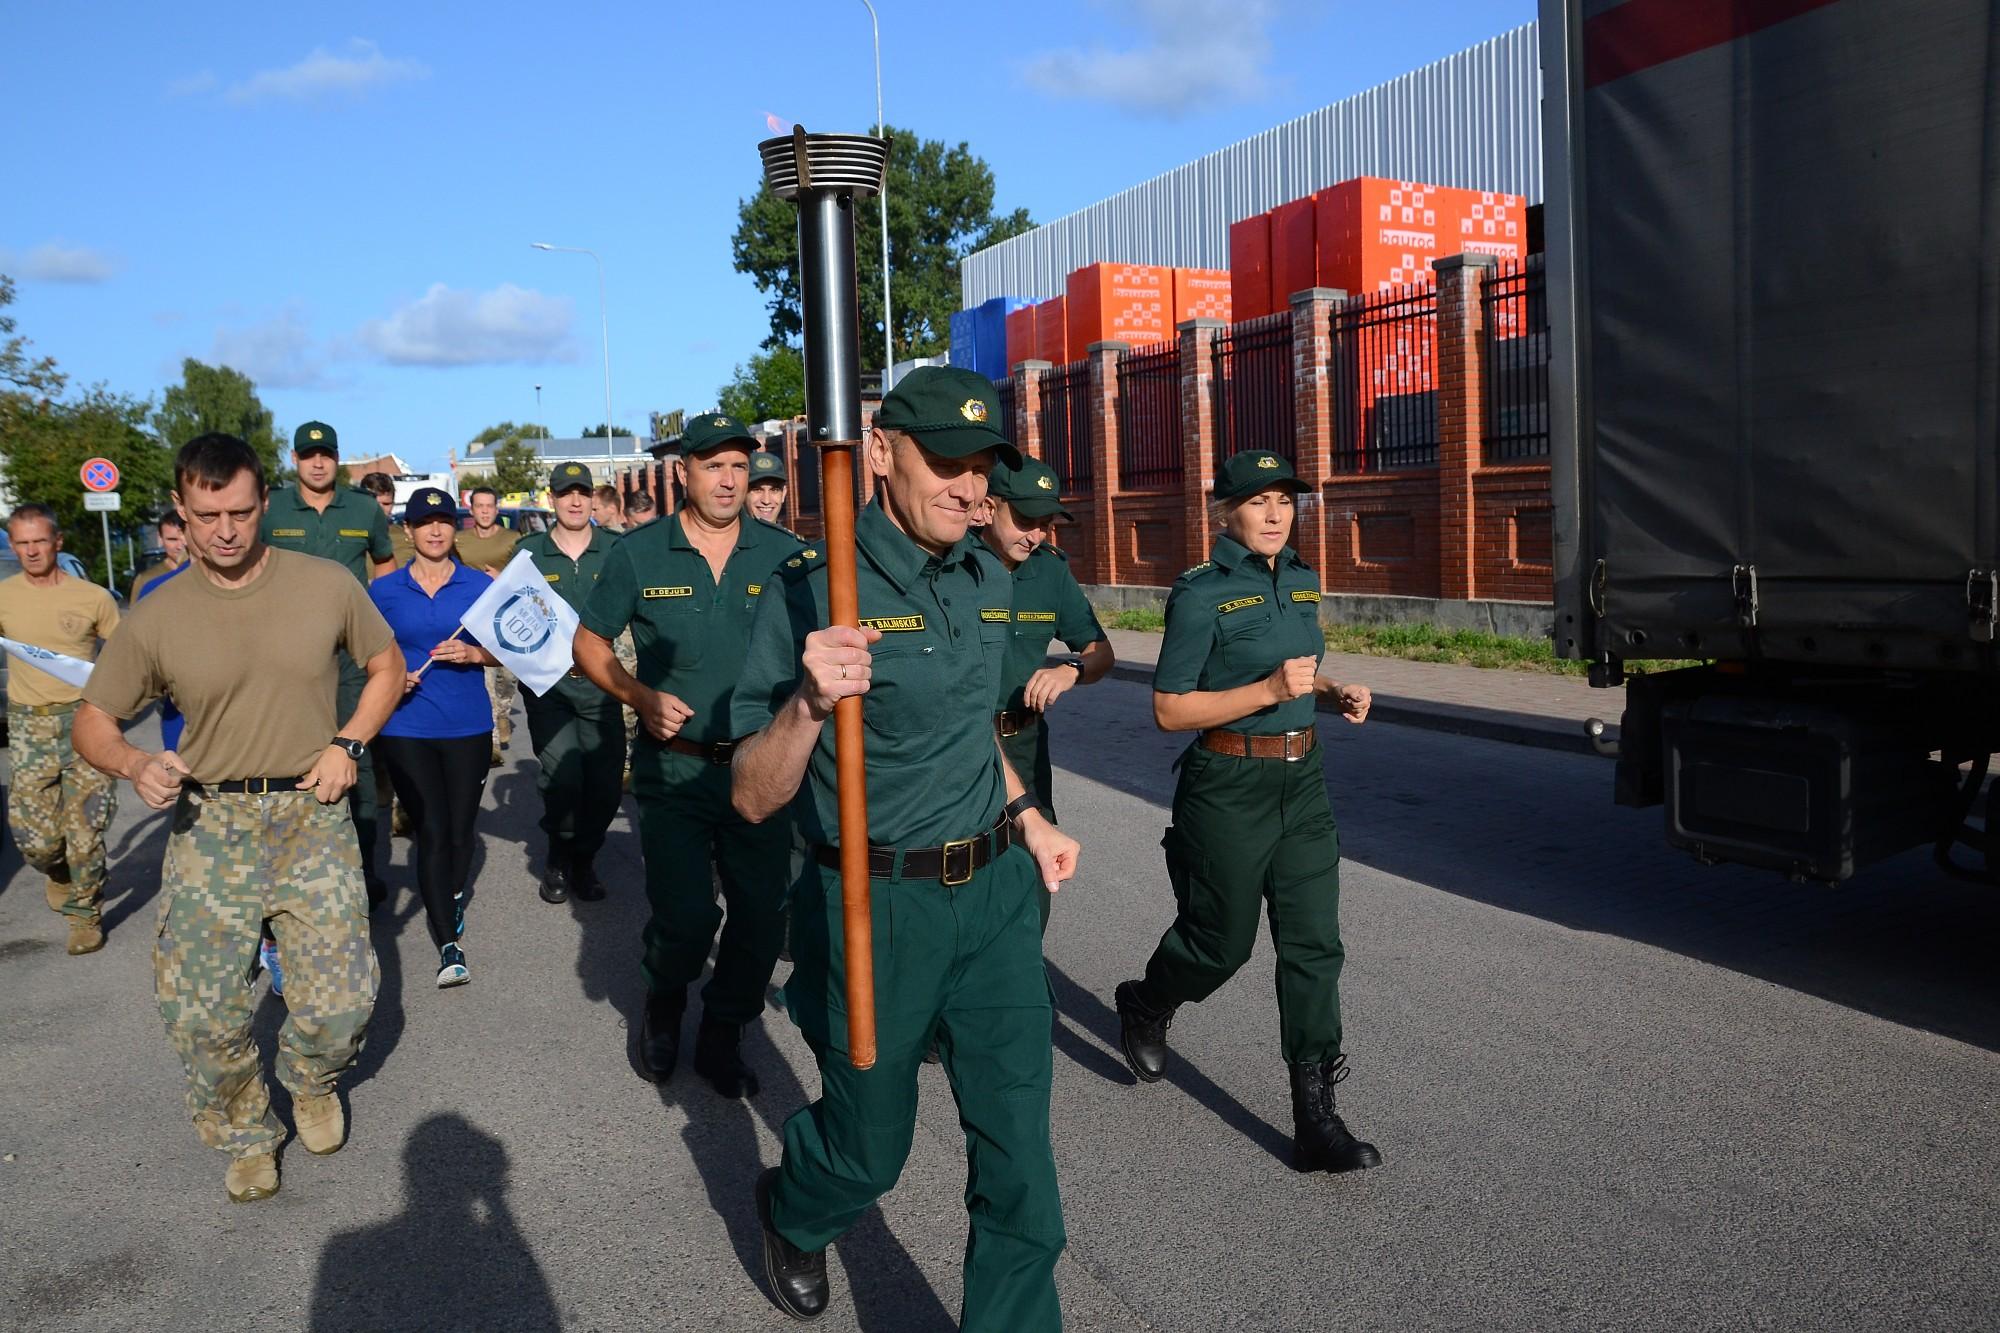 Robežsargi piedalās skrējienā apkārt Latvijas robežai